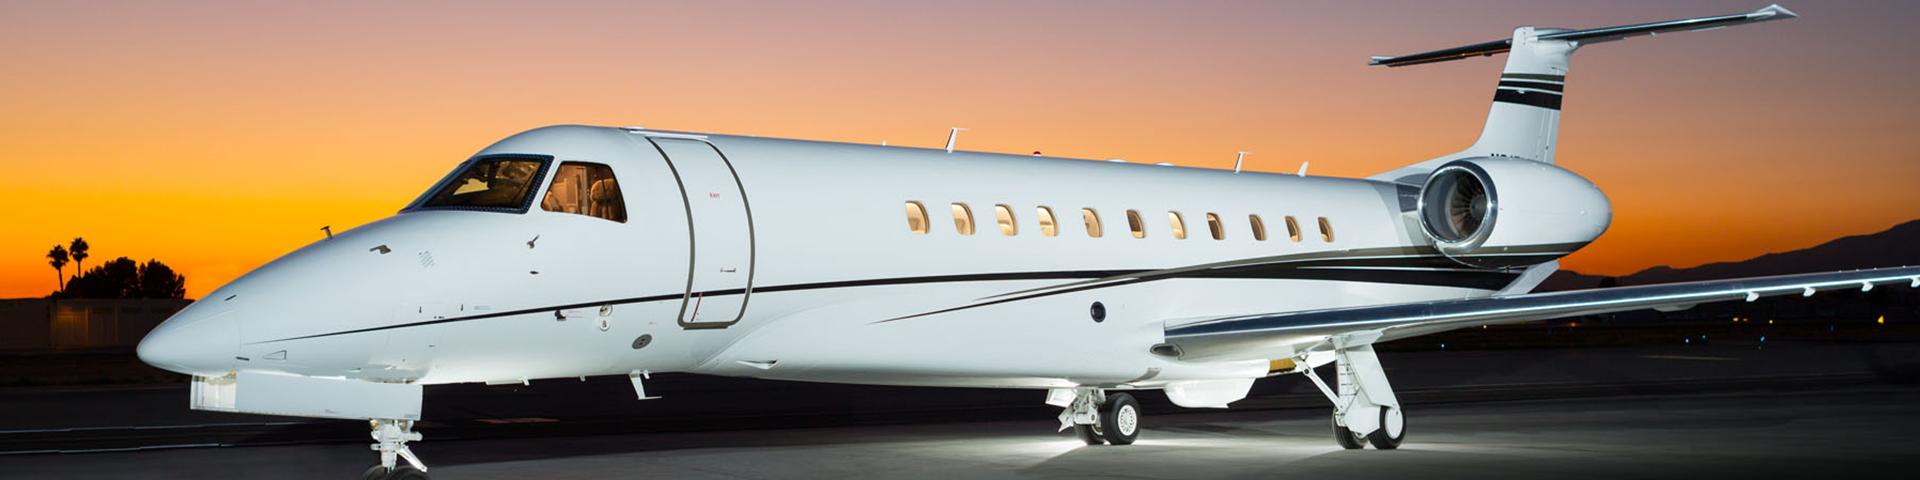 Legacy 600 Private Jet1 - Legacy 600 Private Jet